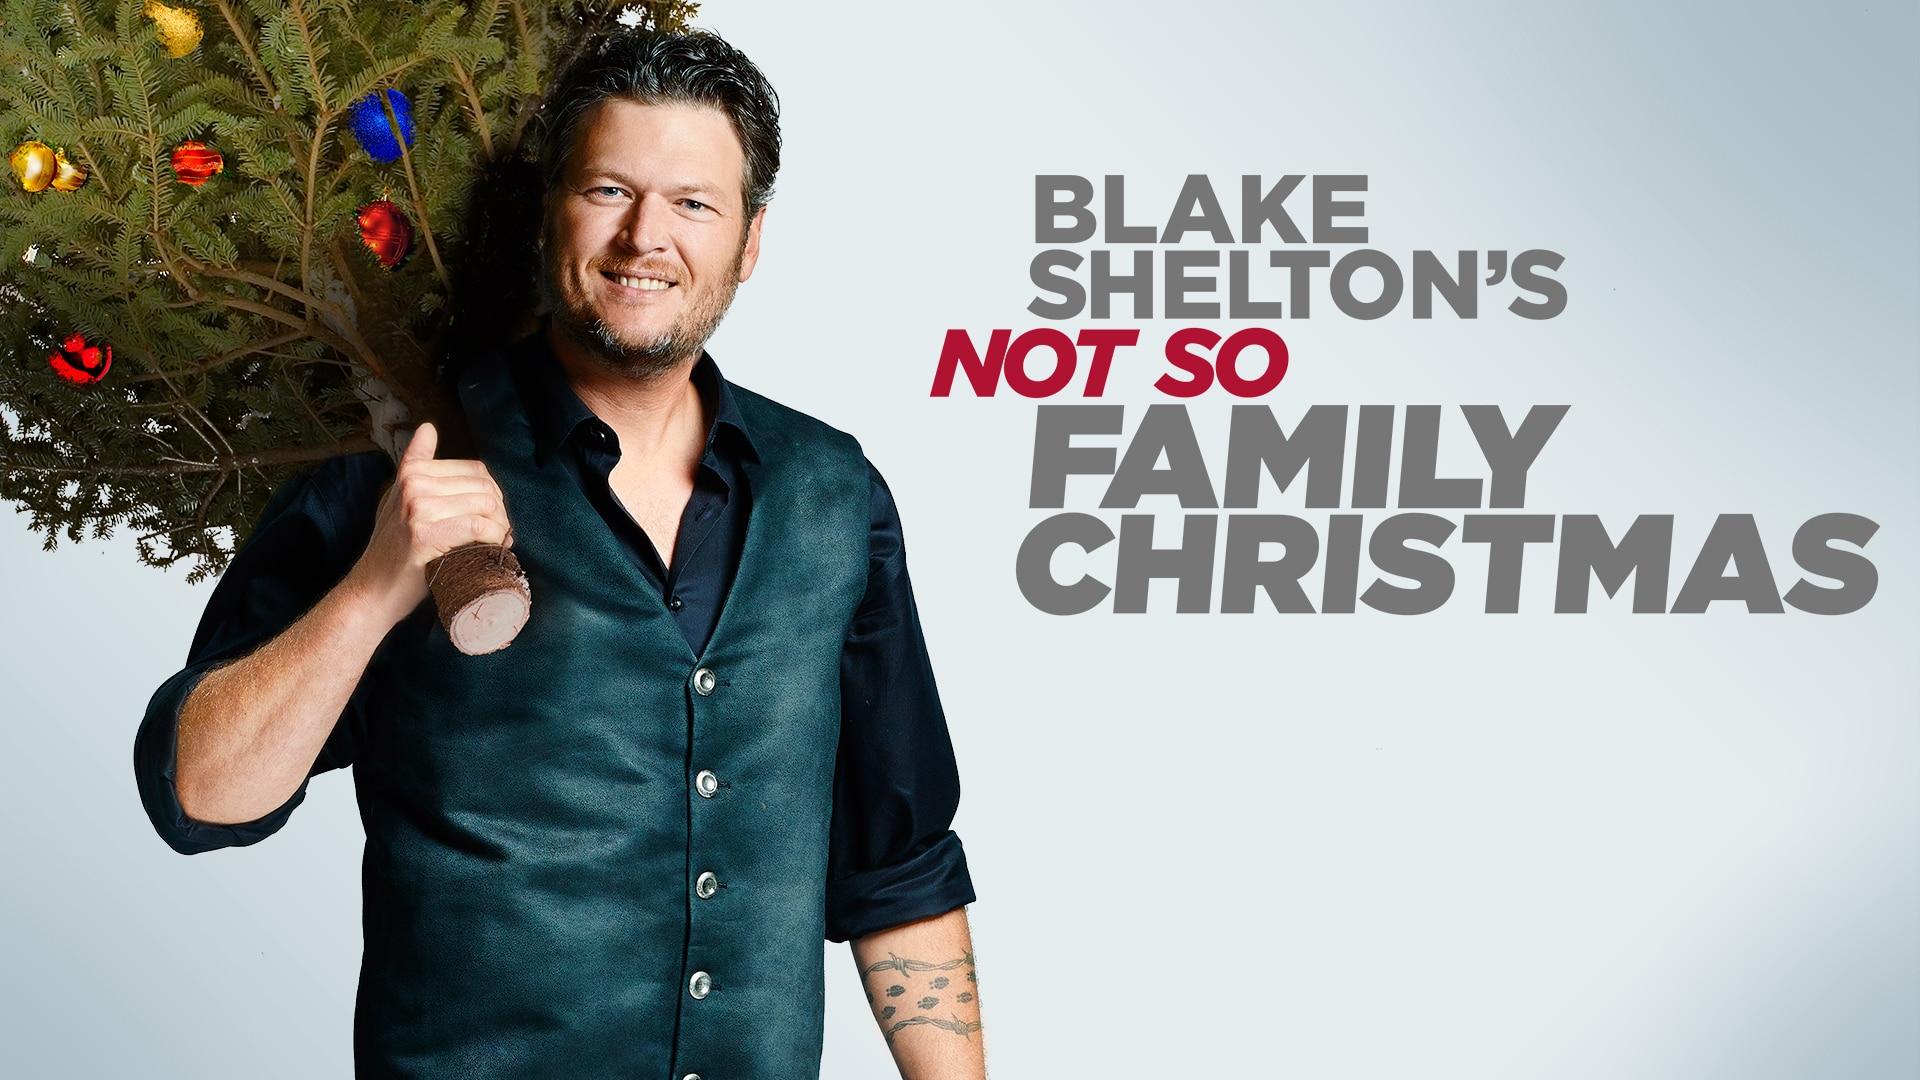 blake sheltons not so family christmas nbccom - Blake Shelton Christmas